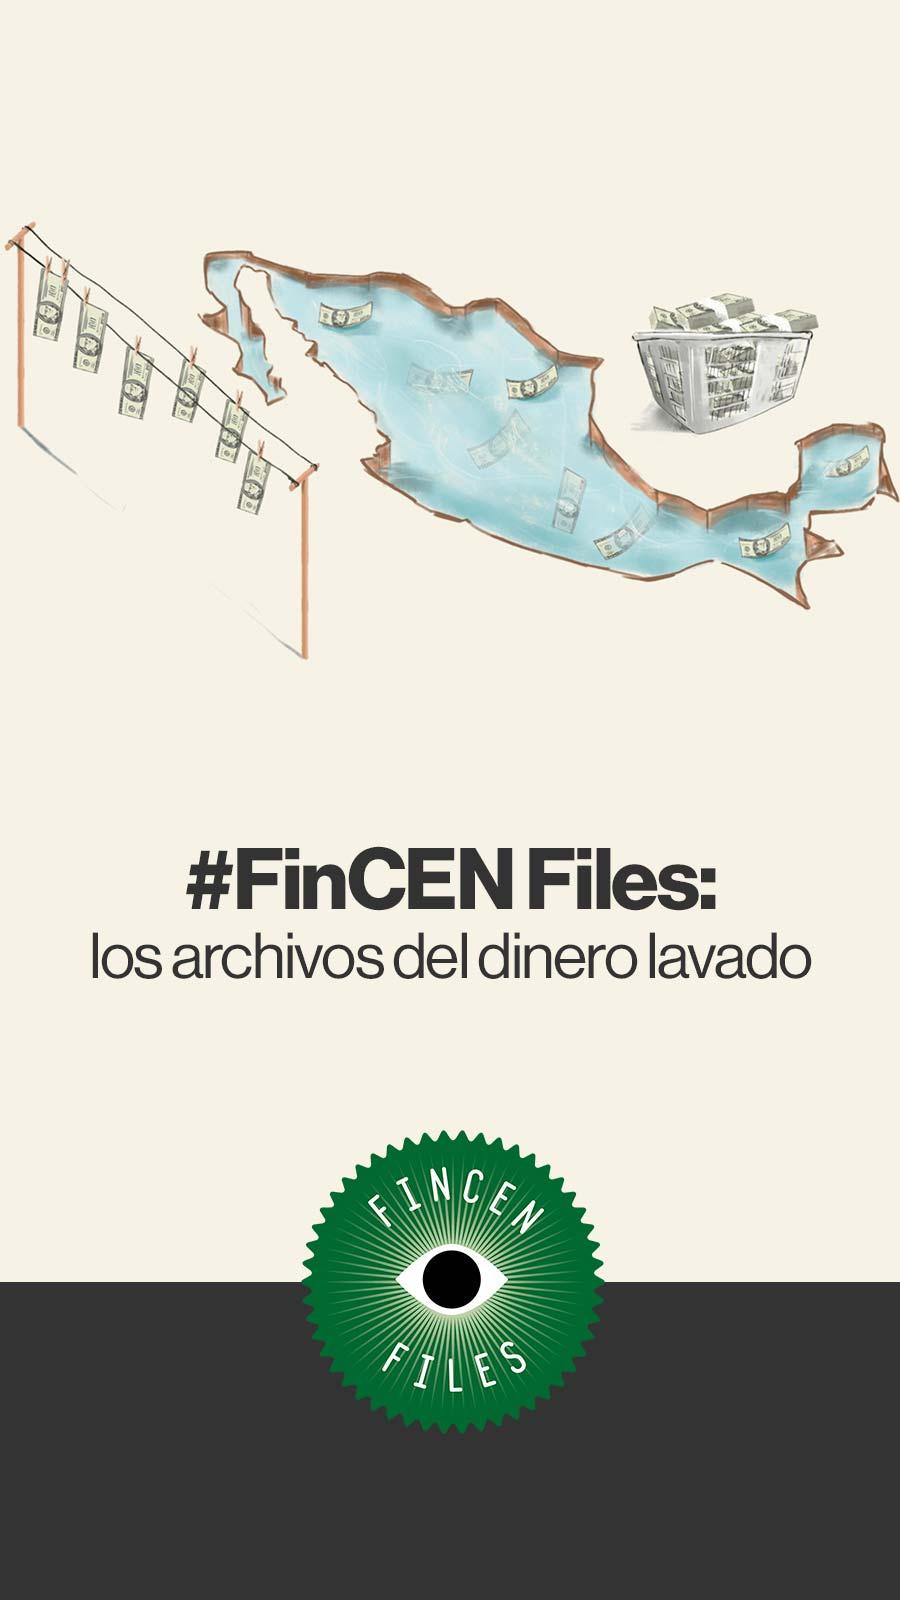 FinCEN Files: los archivos del dinero lavado